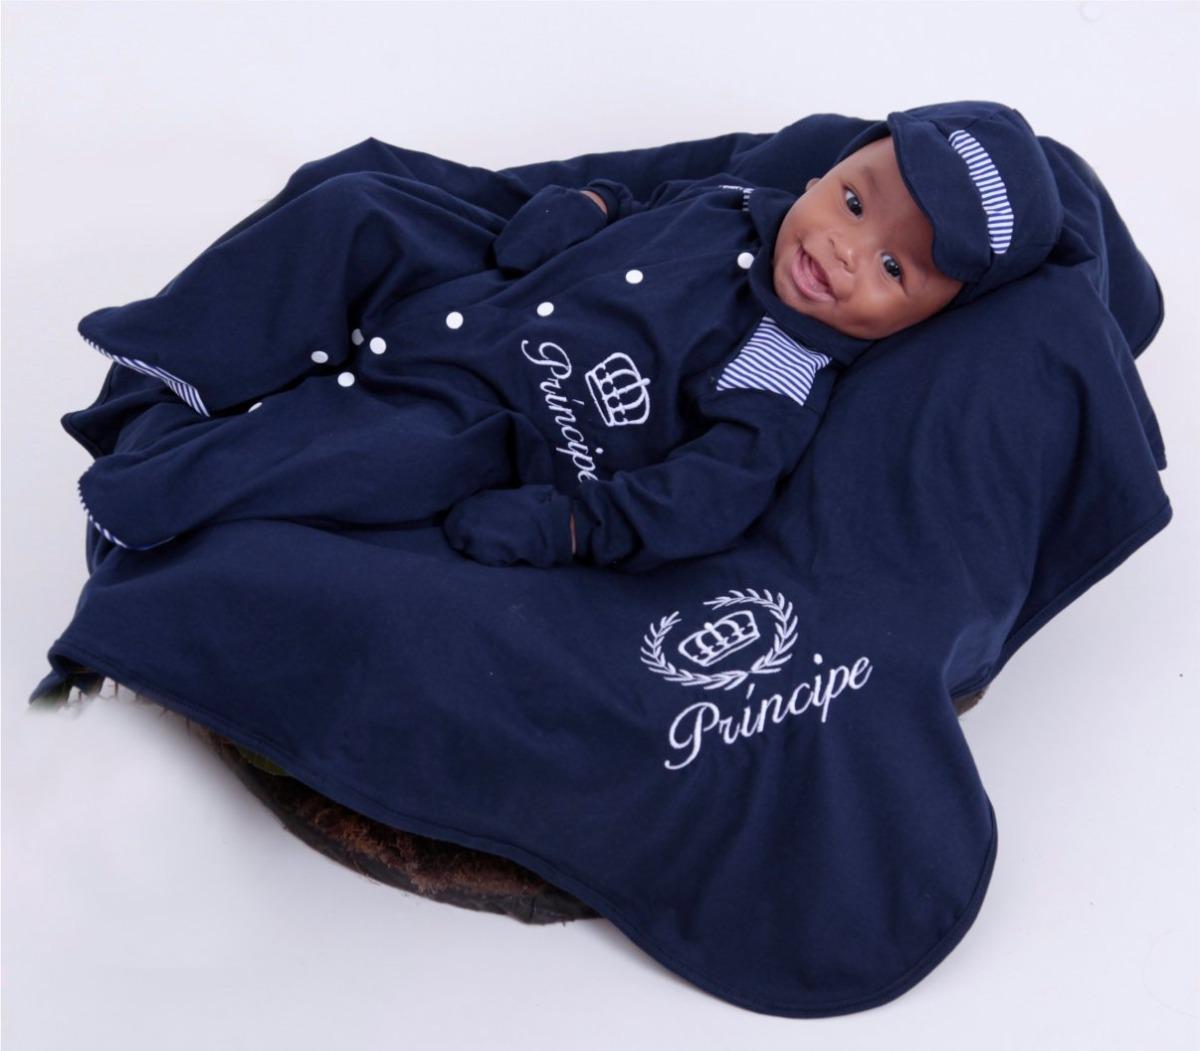 Saída Maternidade Menino Príncipe - R  87,19 em Mercado Livre 6555be5192